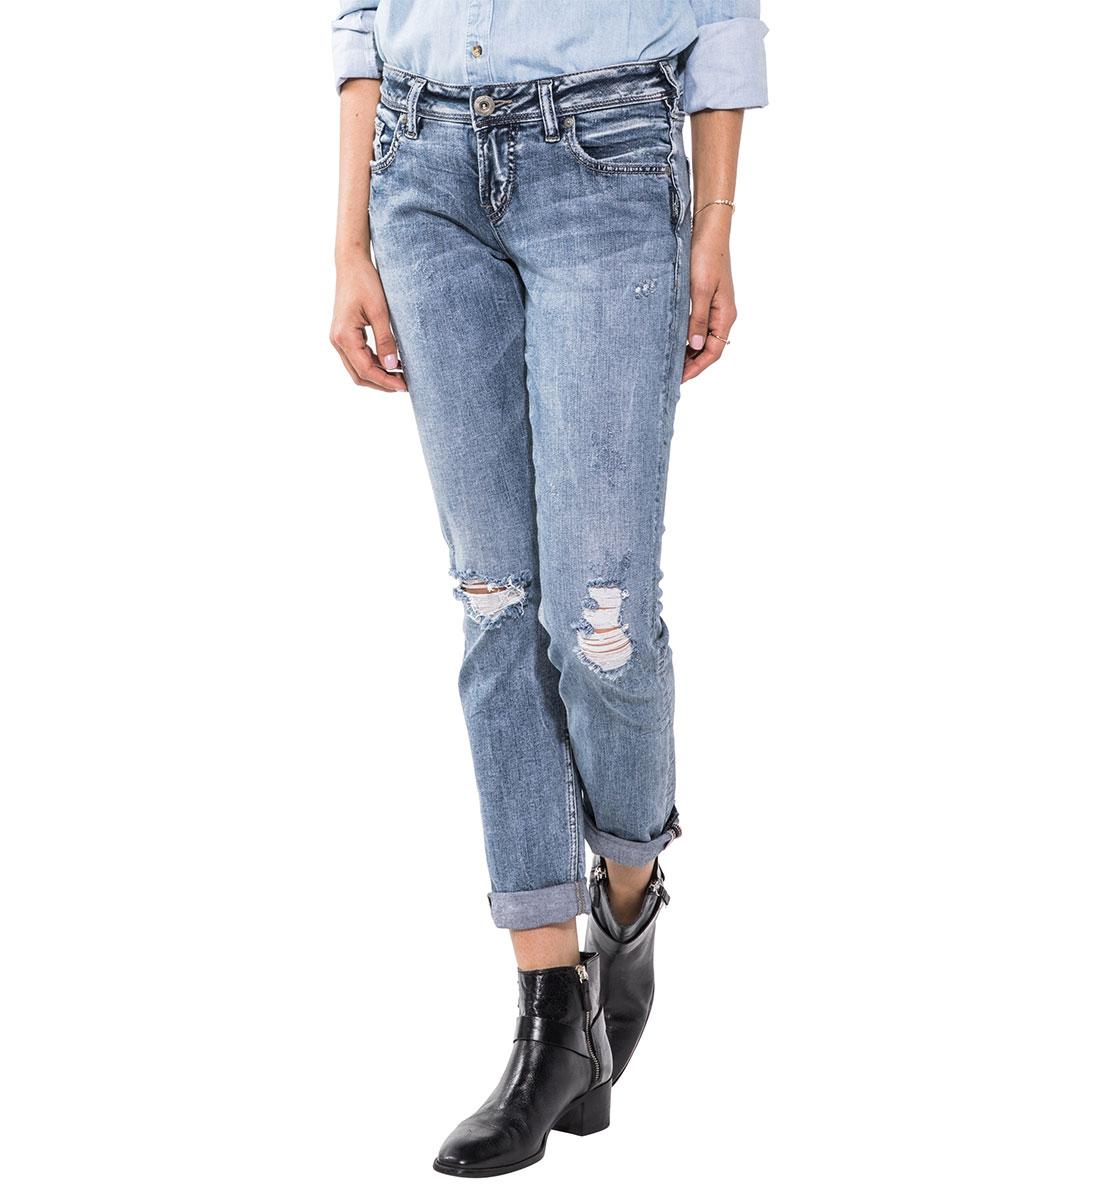 Sam Boyfriend Jeans Medium Wash Silver Jeans